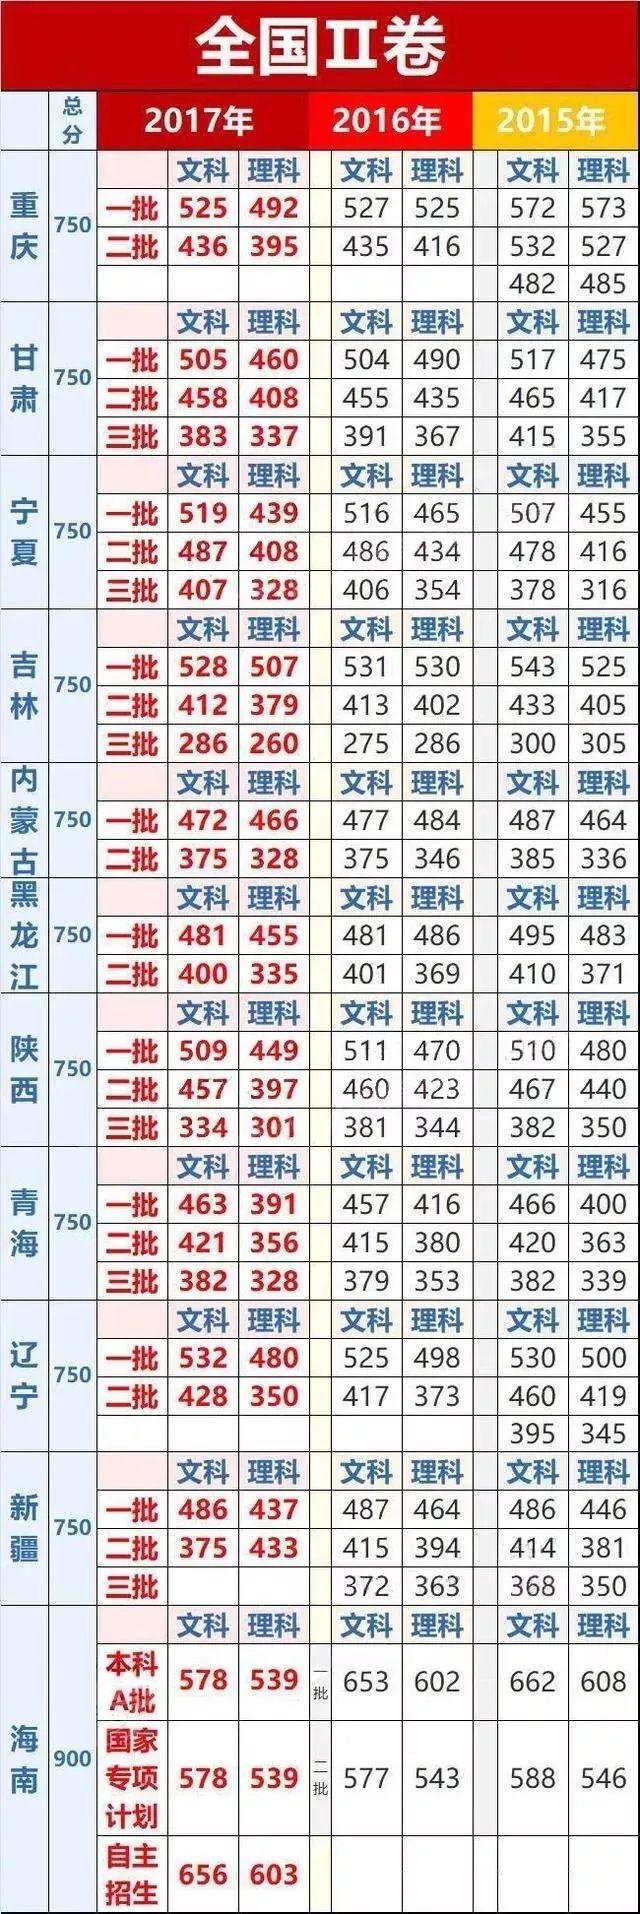 你估算过要上985/211大学,各科至少要达到多少分吗?